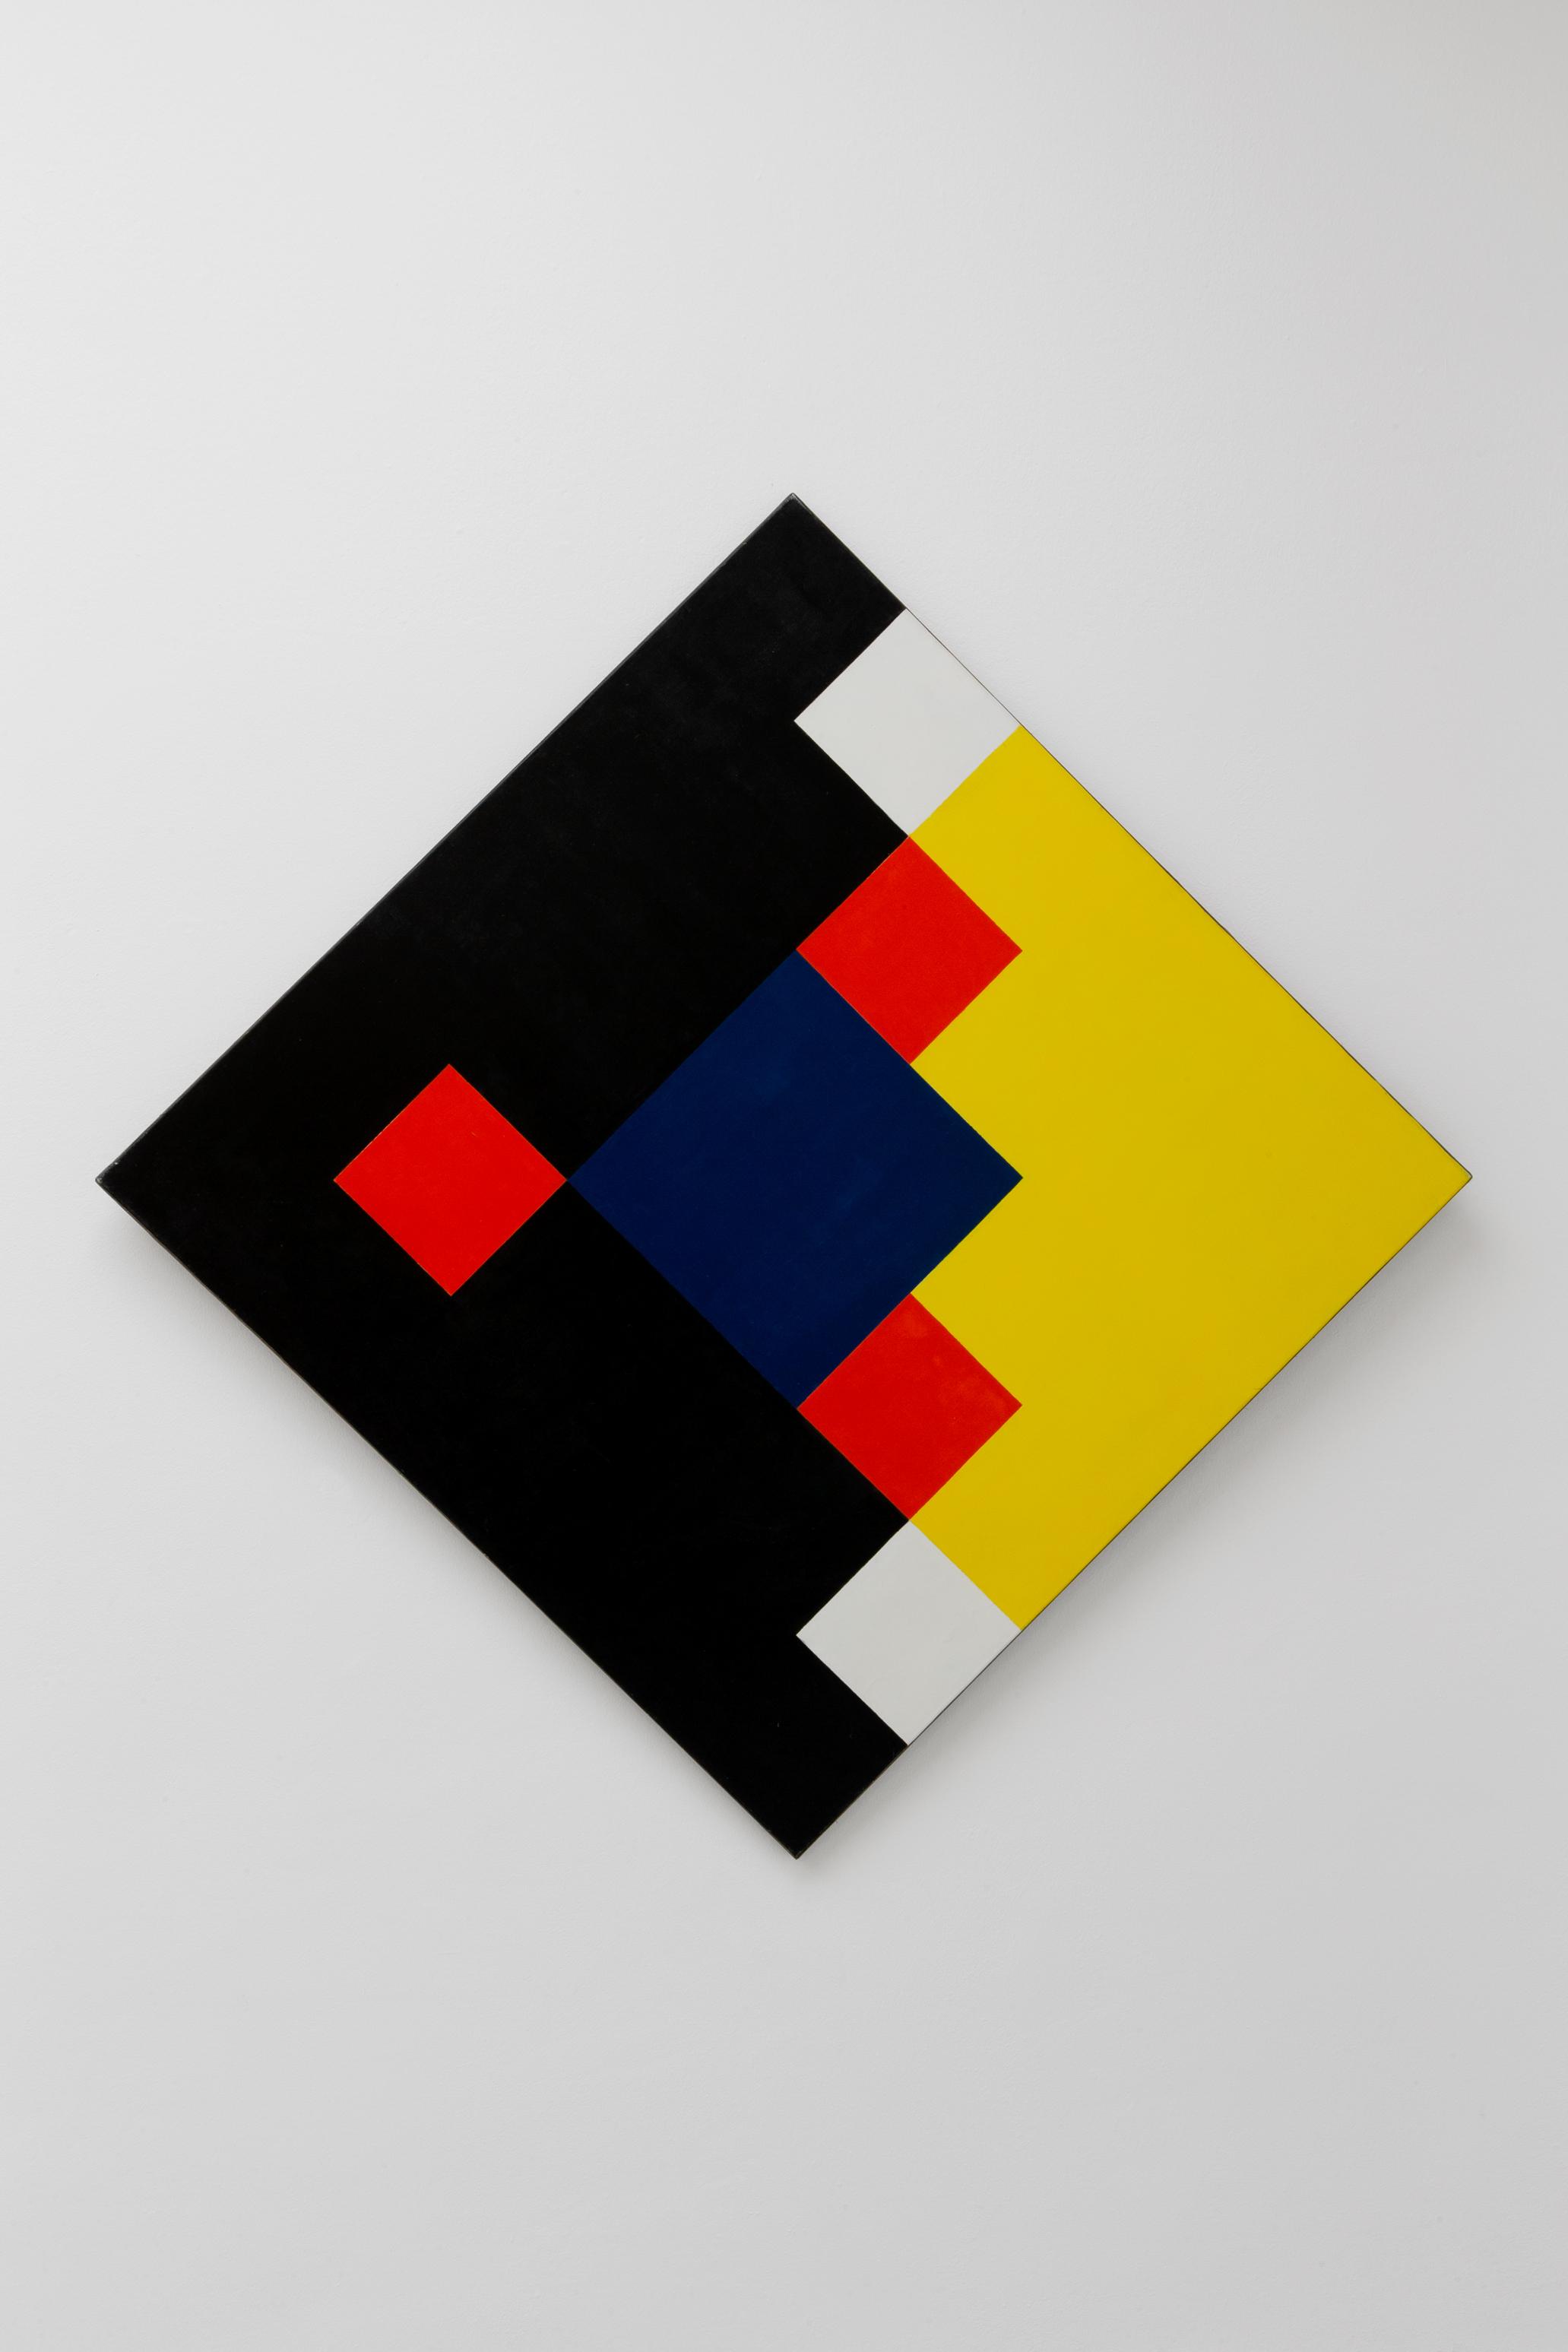 Hedi Mertens,  Blaues Mittelquadrat mit drei roten und zwei weissen Quadraten , 1971, oil on canvas, 100 x 100 cm